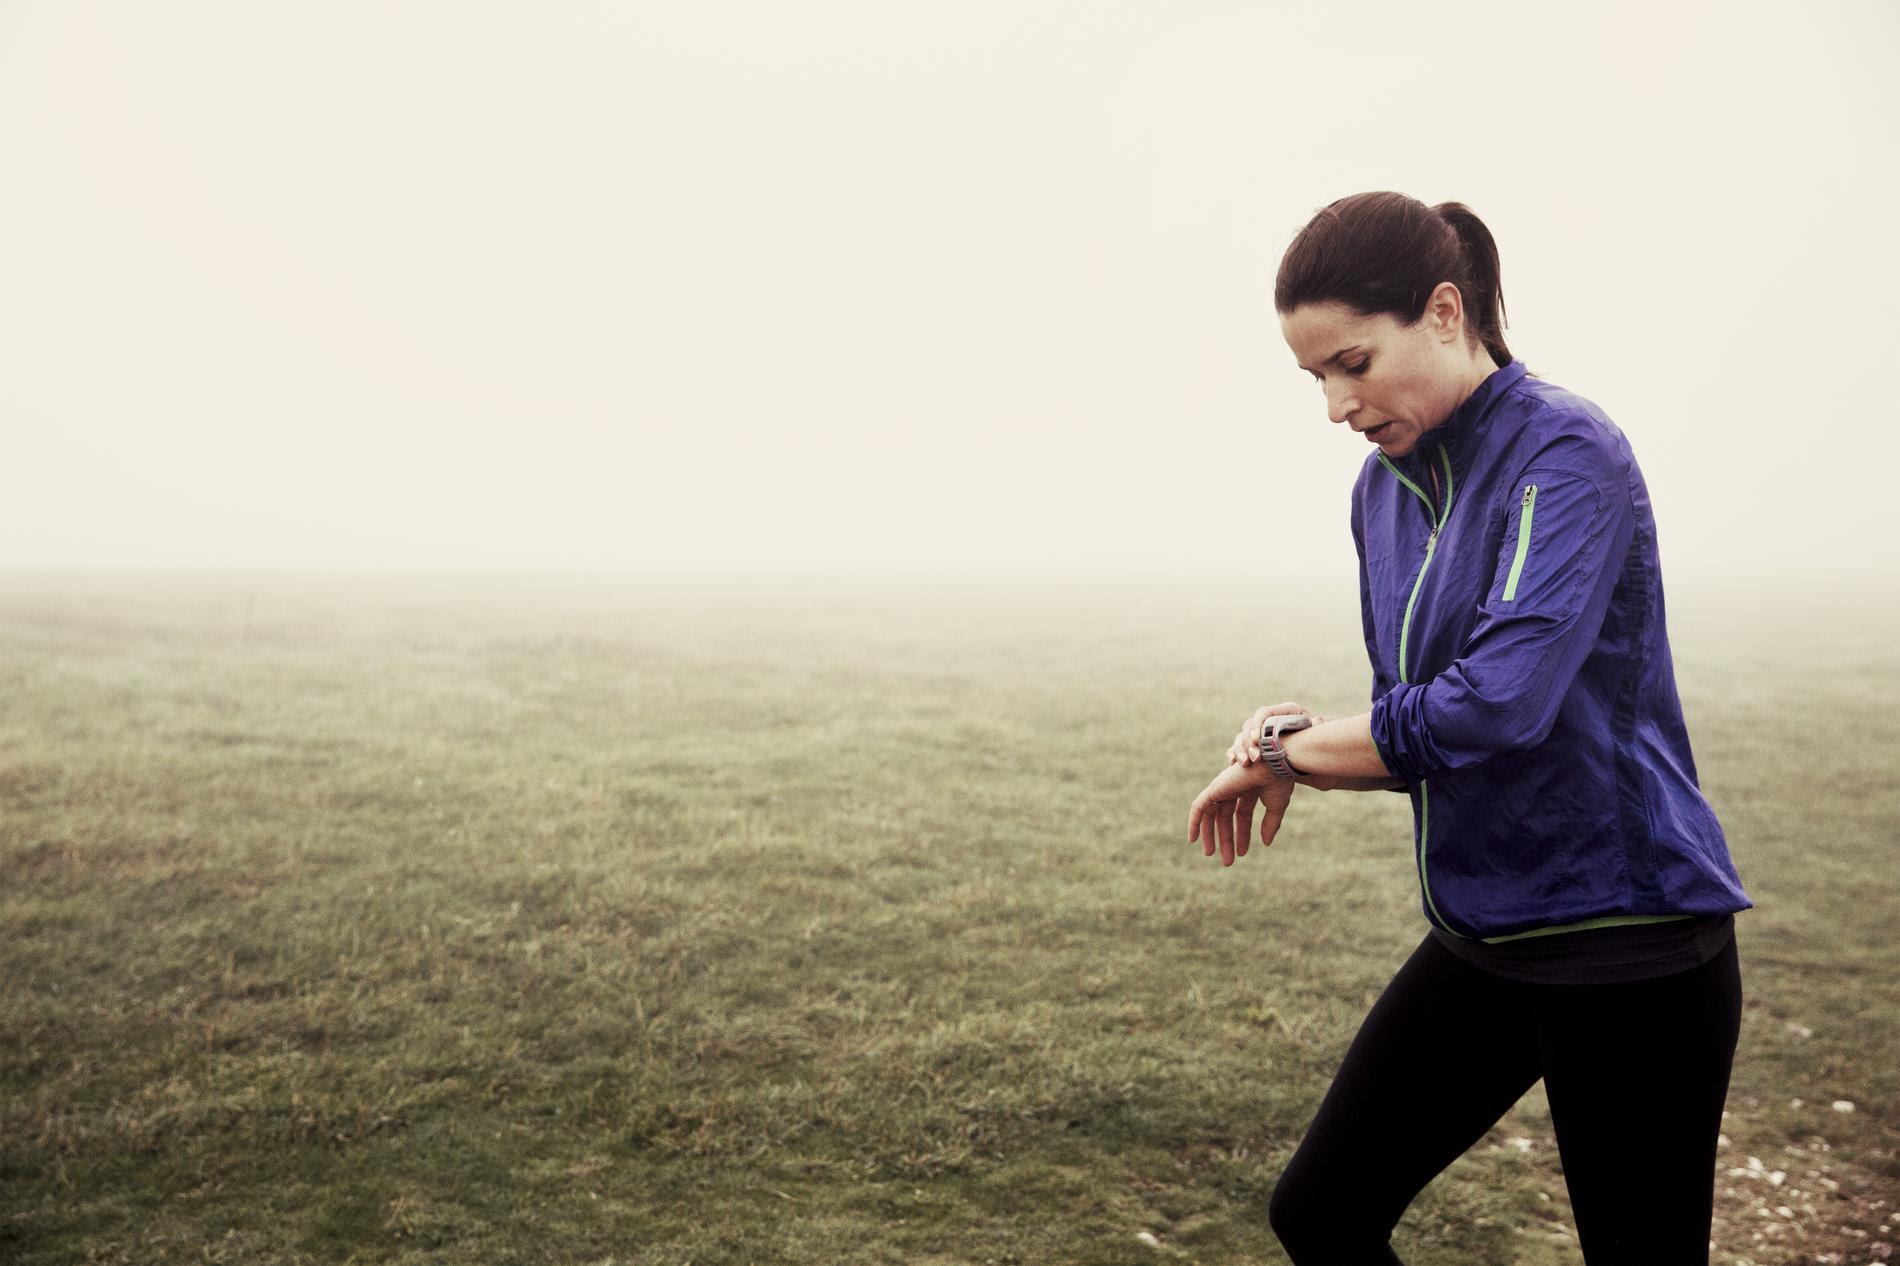 Calcul perte de poids deshydratation: Courir combien de